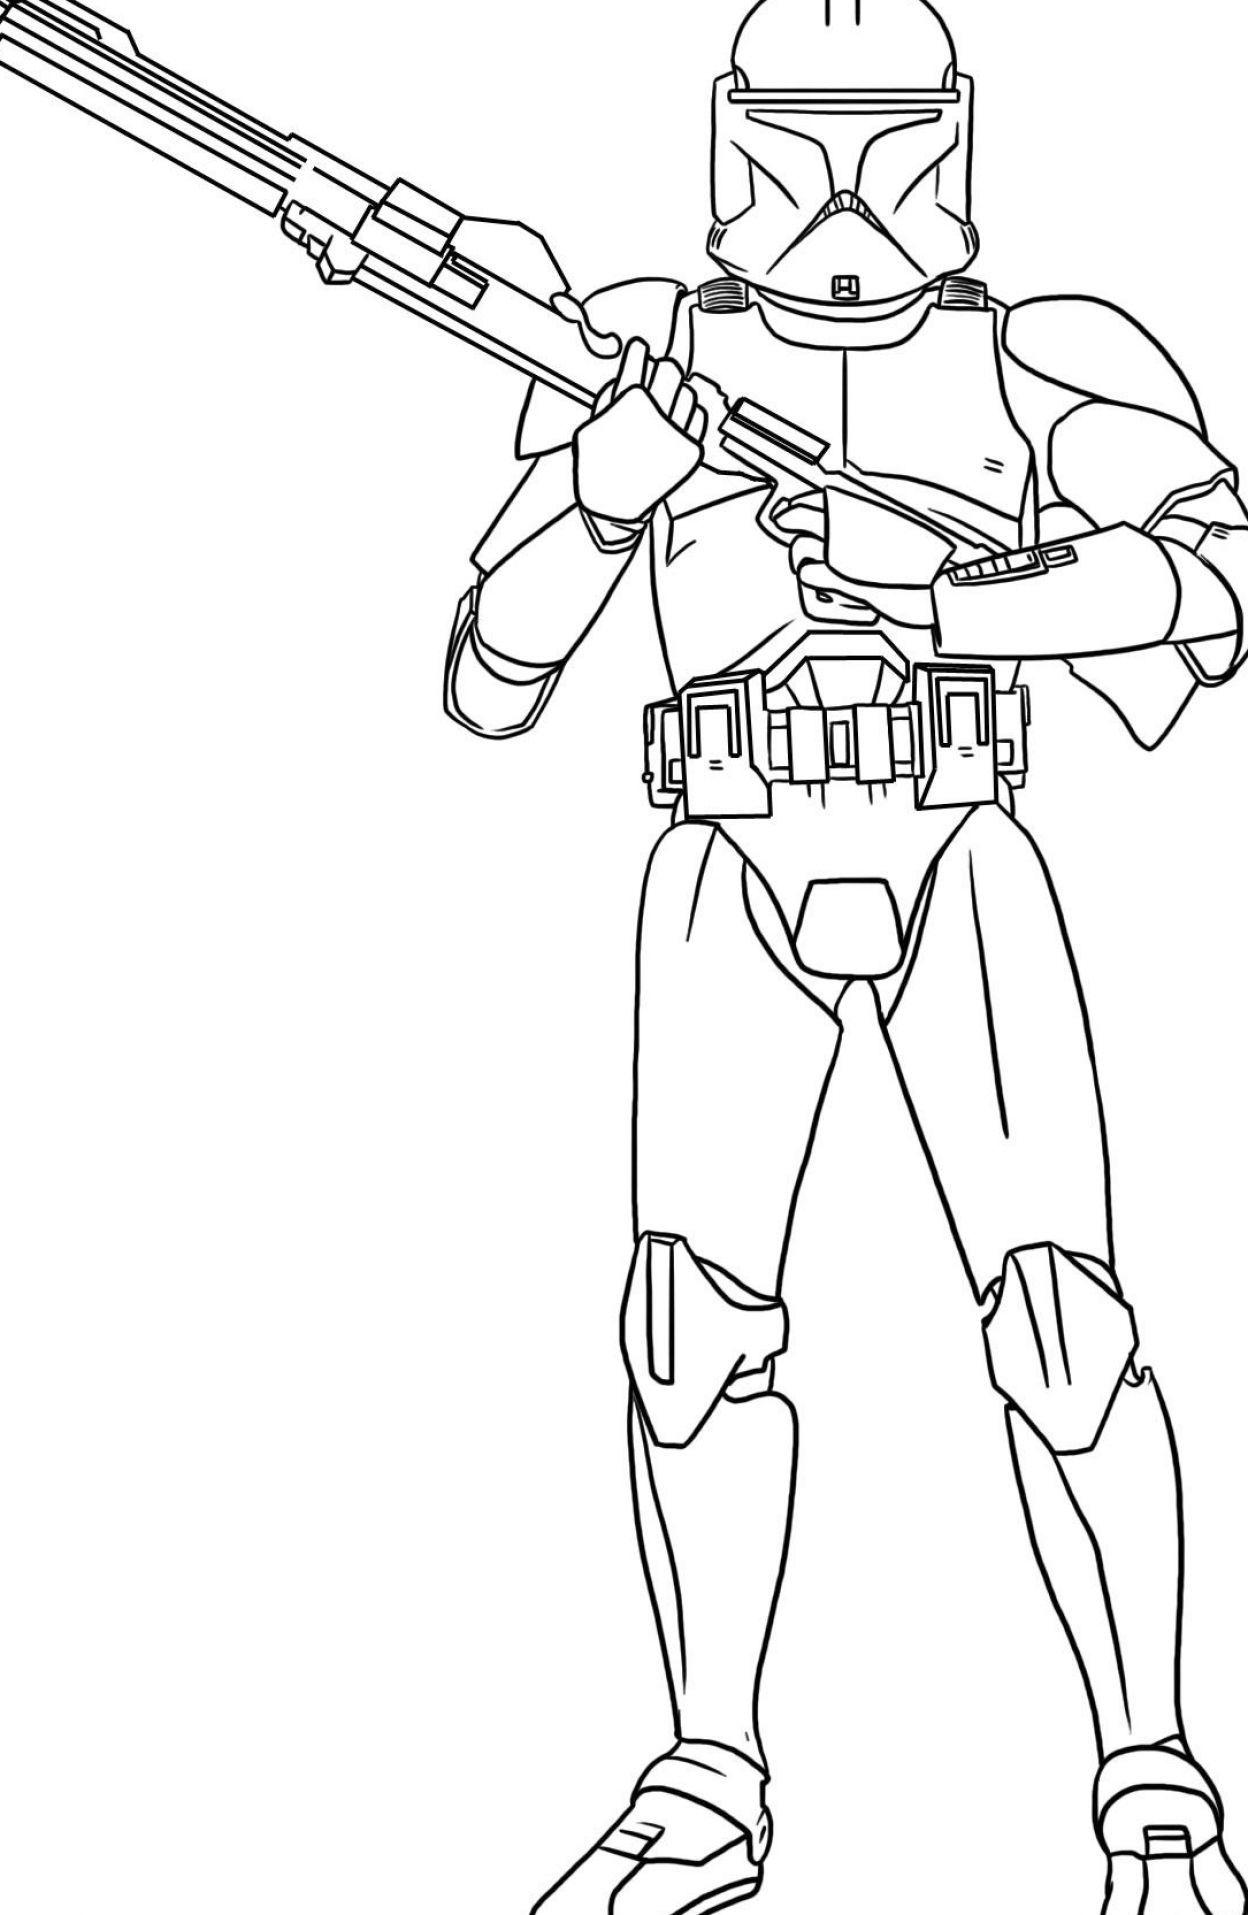 Star Wars Clone Trooper Drawings 1 Star Wars Drawings